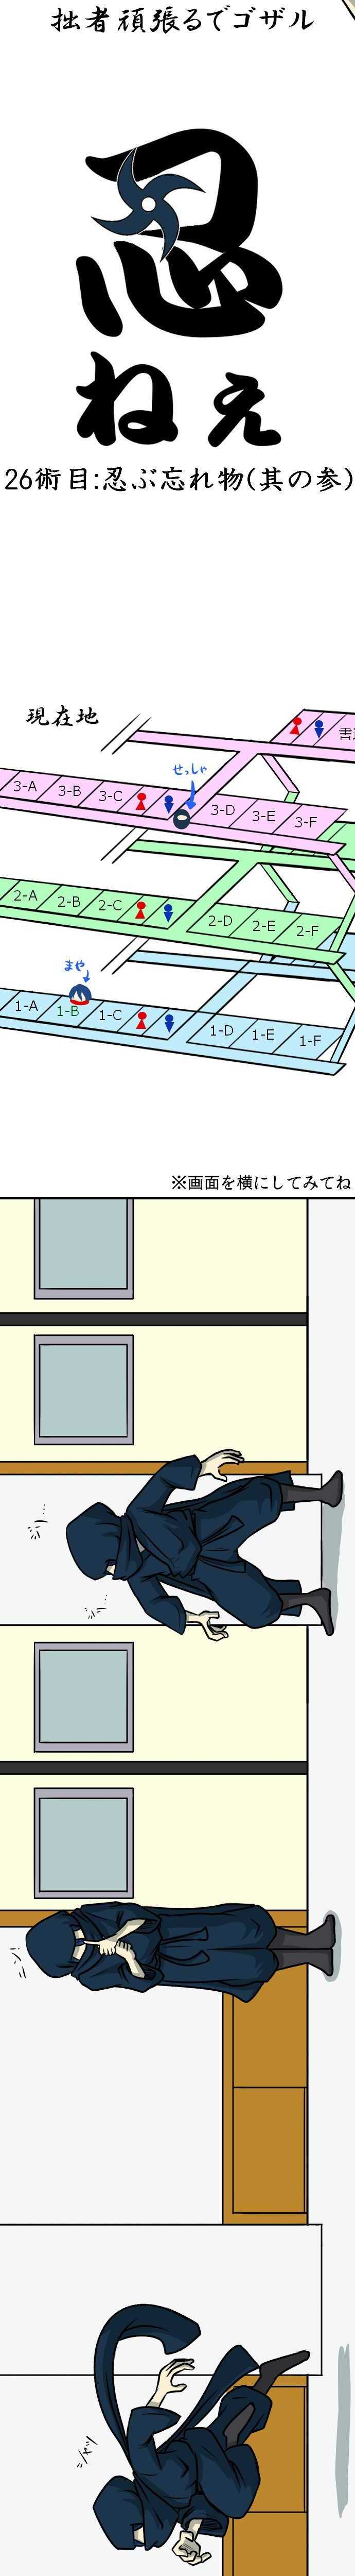 26術目:忍ぶ忘れ物(其の参)